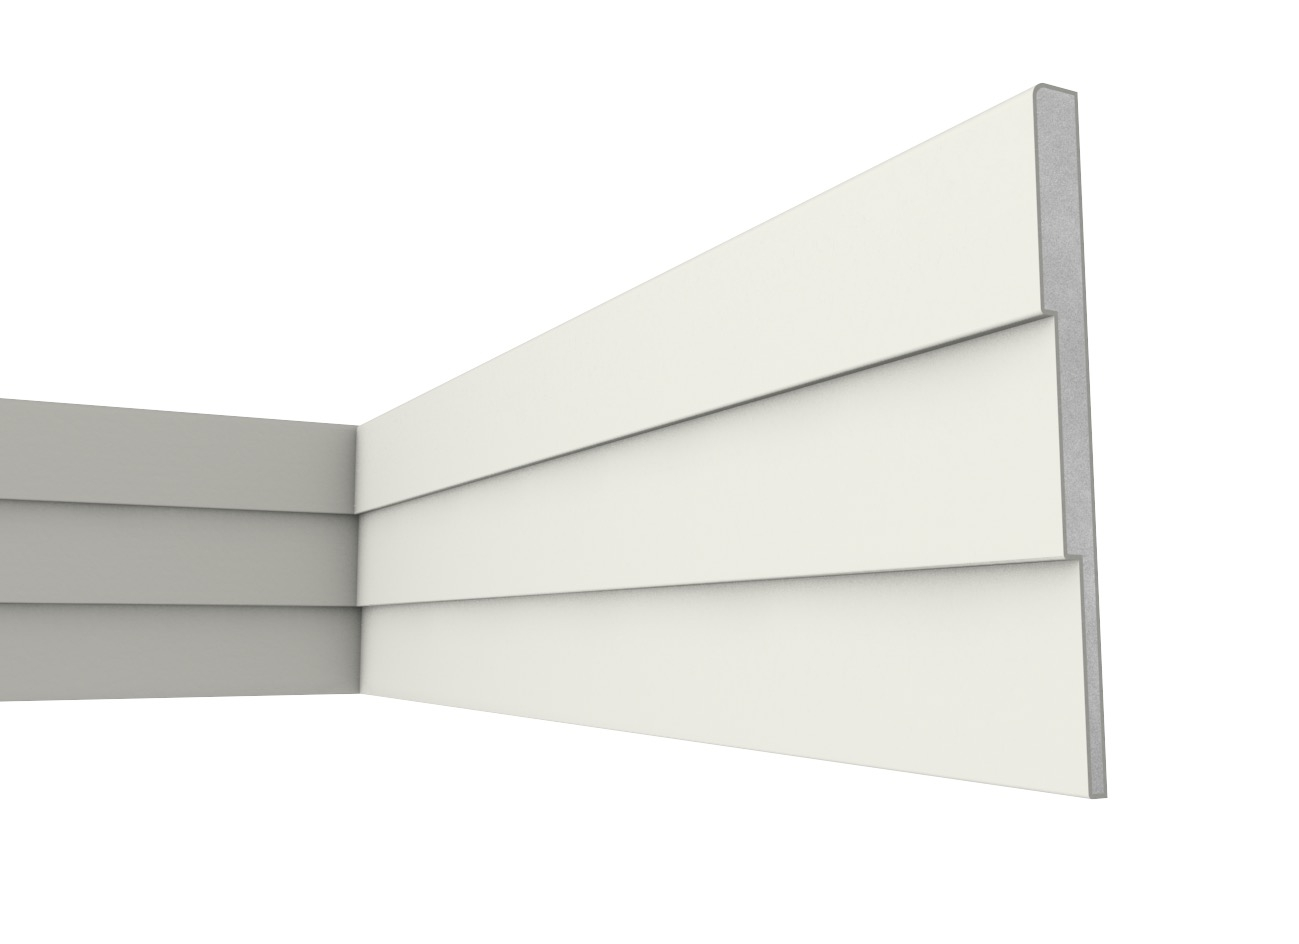 Fb 28 - Cornice e marcapiano in polistirene spalmato con graniglie - Decorget - Ital Decori - Image 0